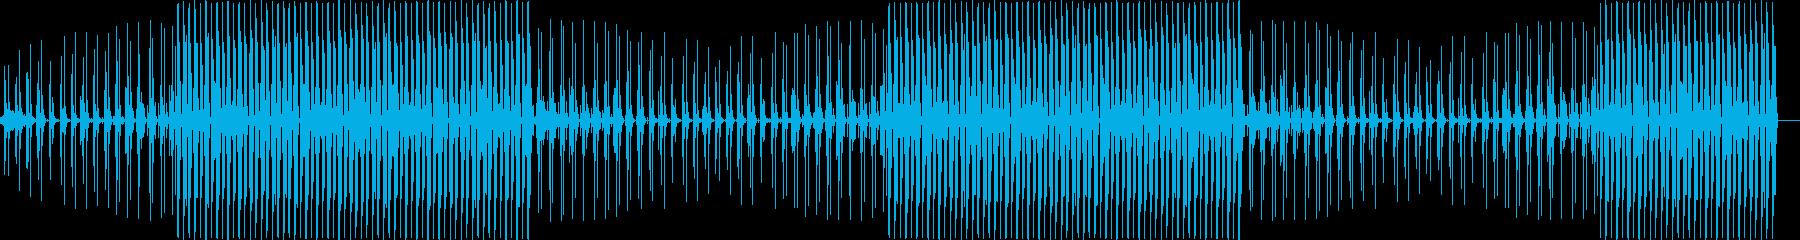 ディープでムーディなハウスミュージックの再生済みの波形